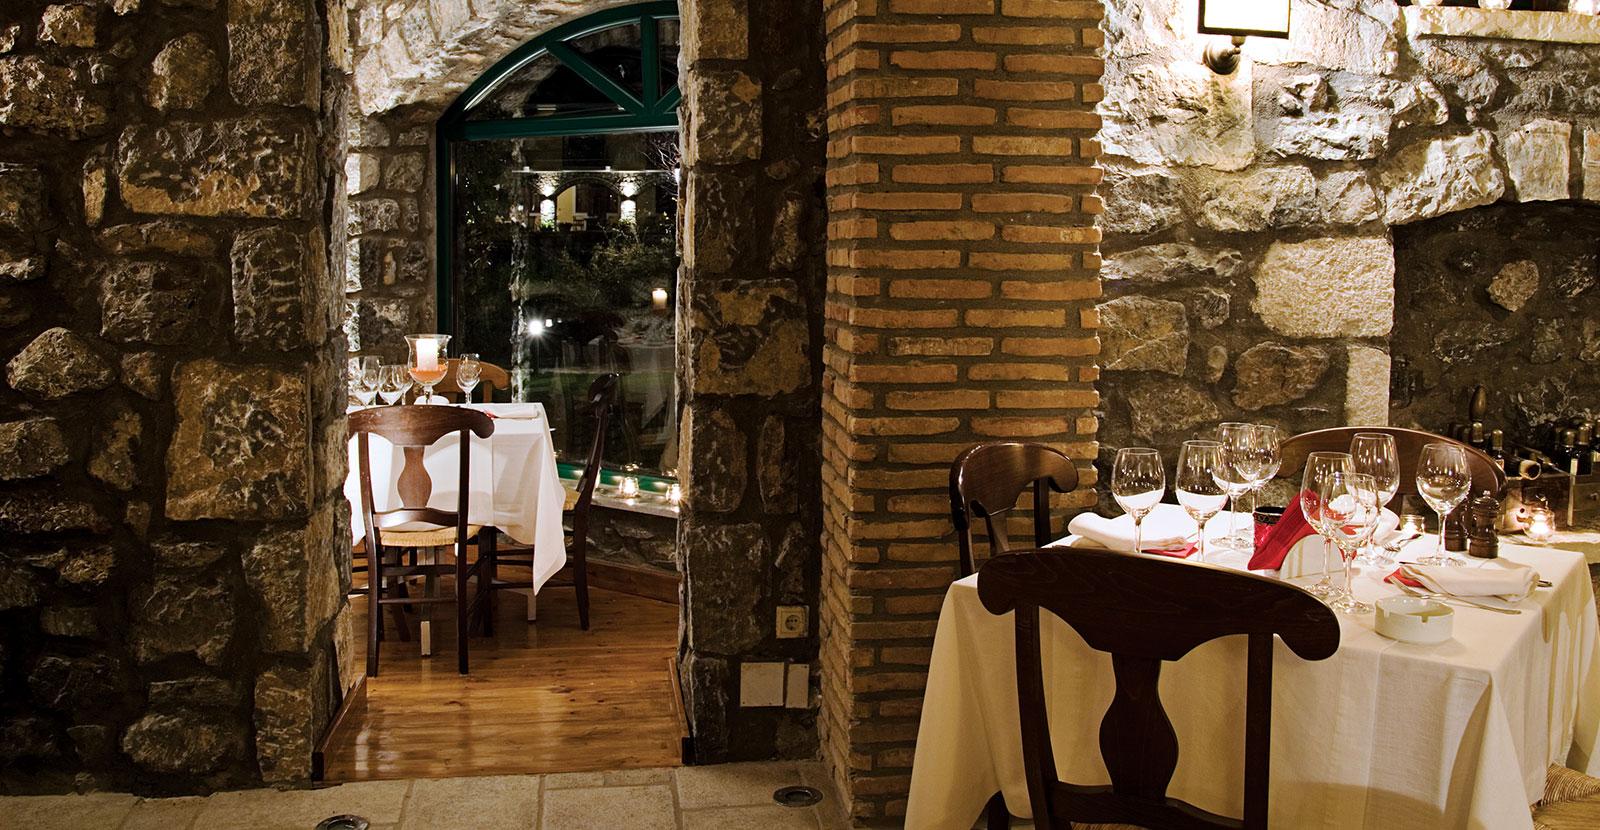 kaltreziotis-gastronomy-klo